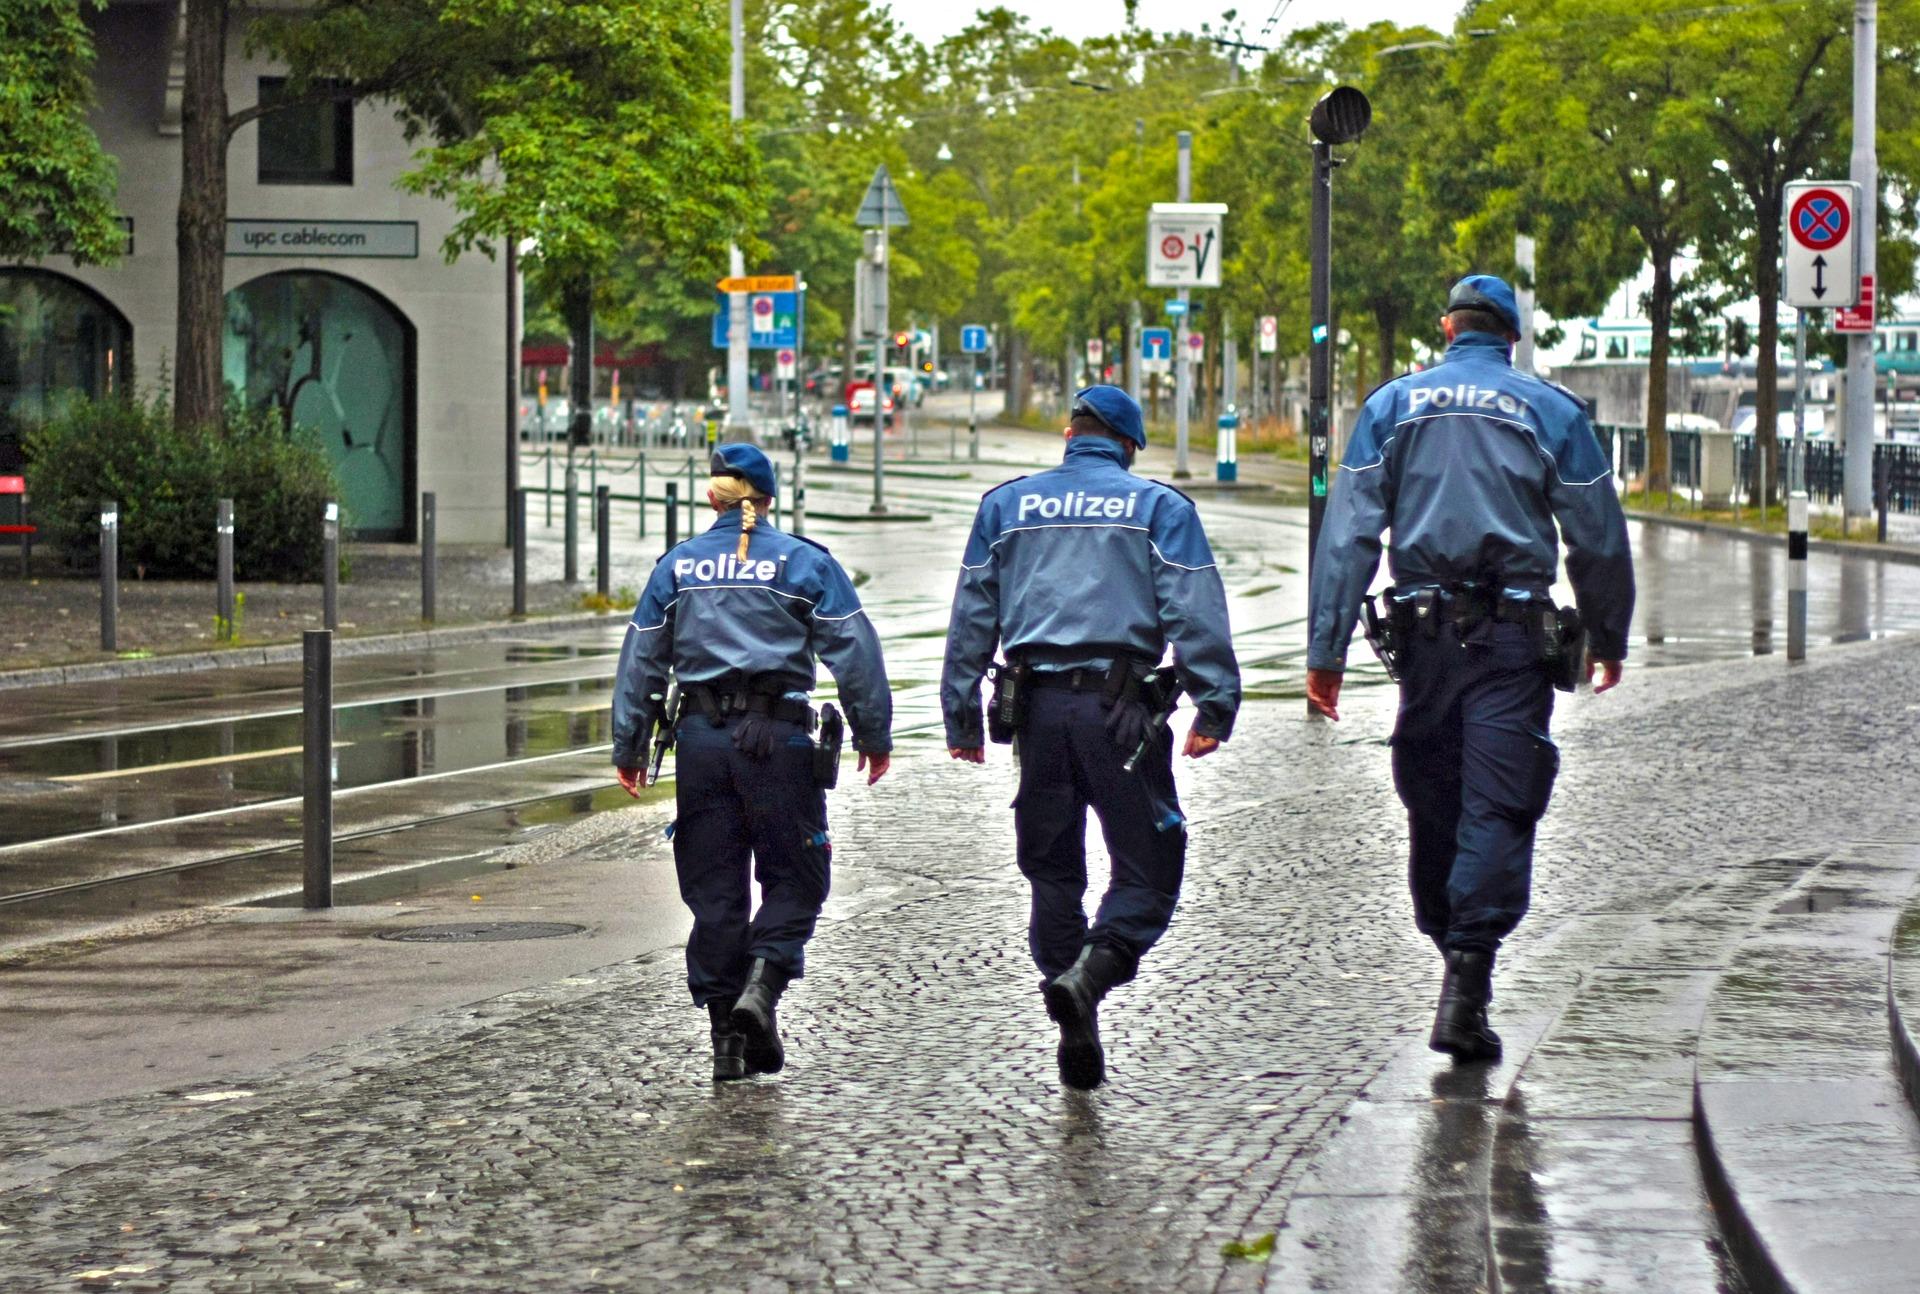 DALL'AUTORITA' PER LA PROTEZIONE DEI DATI DELLA GERMANIA: BfDI Pubblica Un Documento Di Sintesi Sugli Stanziamenti Per La Polizia